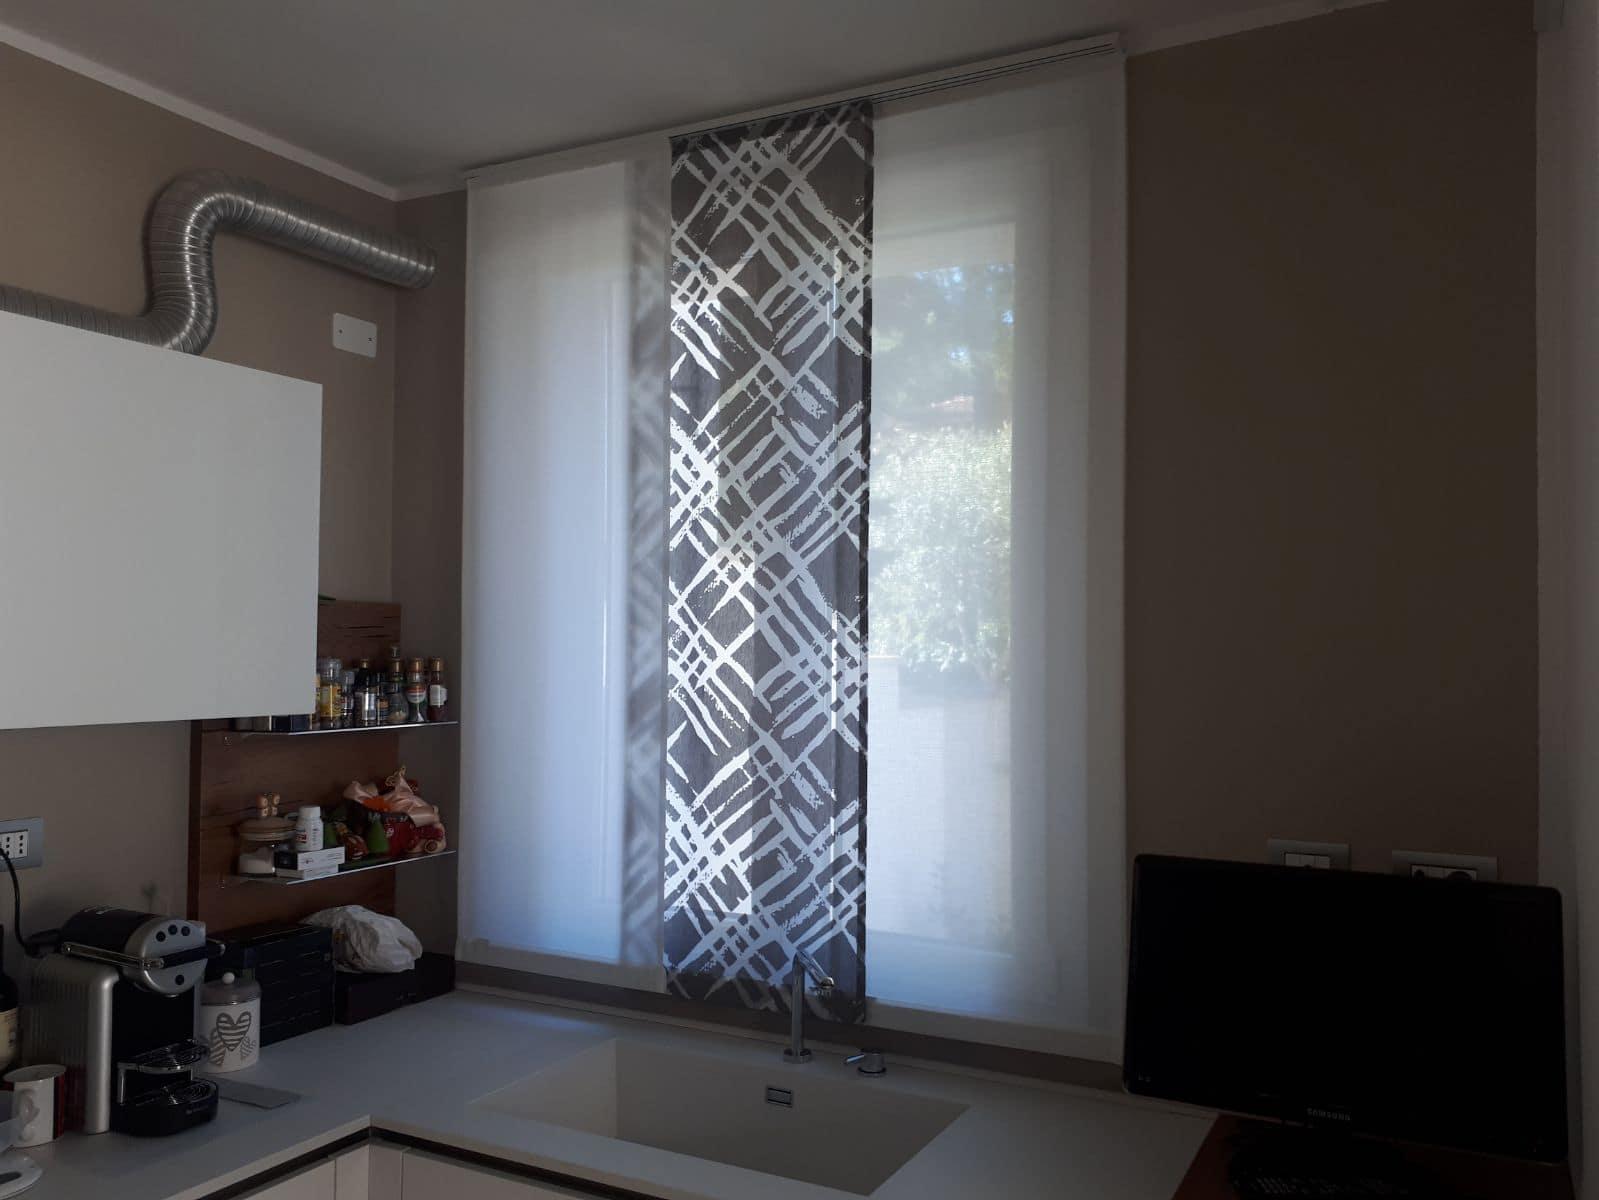 tende da interni convenienti da bonprix le tendine giuste per ogni stanza tende camera da letto tende cucina tende bagno tende soggiorno Tende Per Cucina I 4 Modelli Piu Belli E Pratici Gani